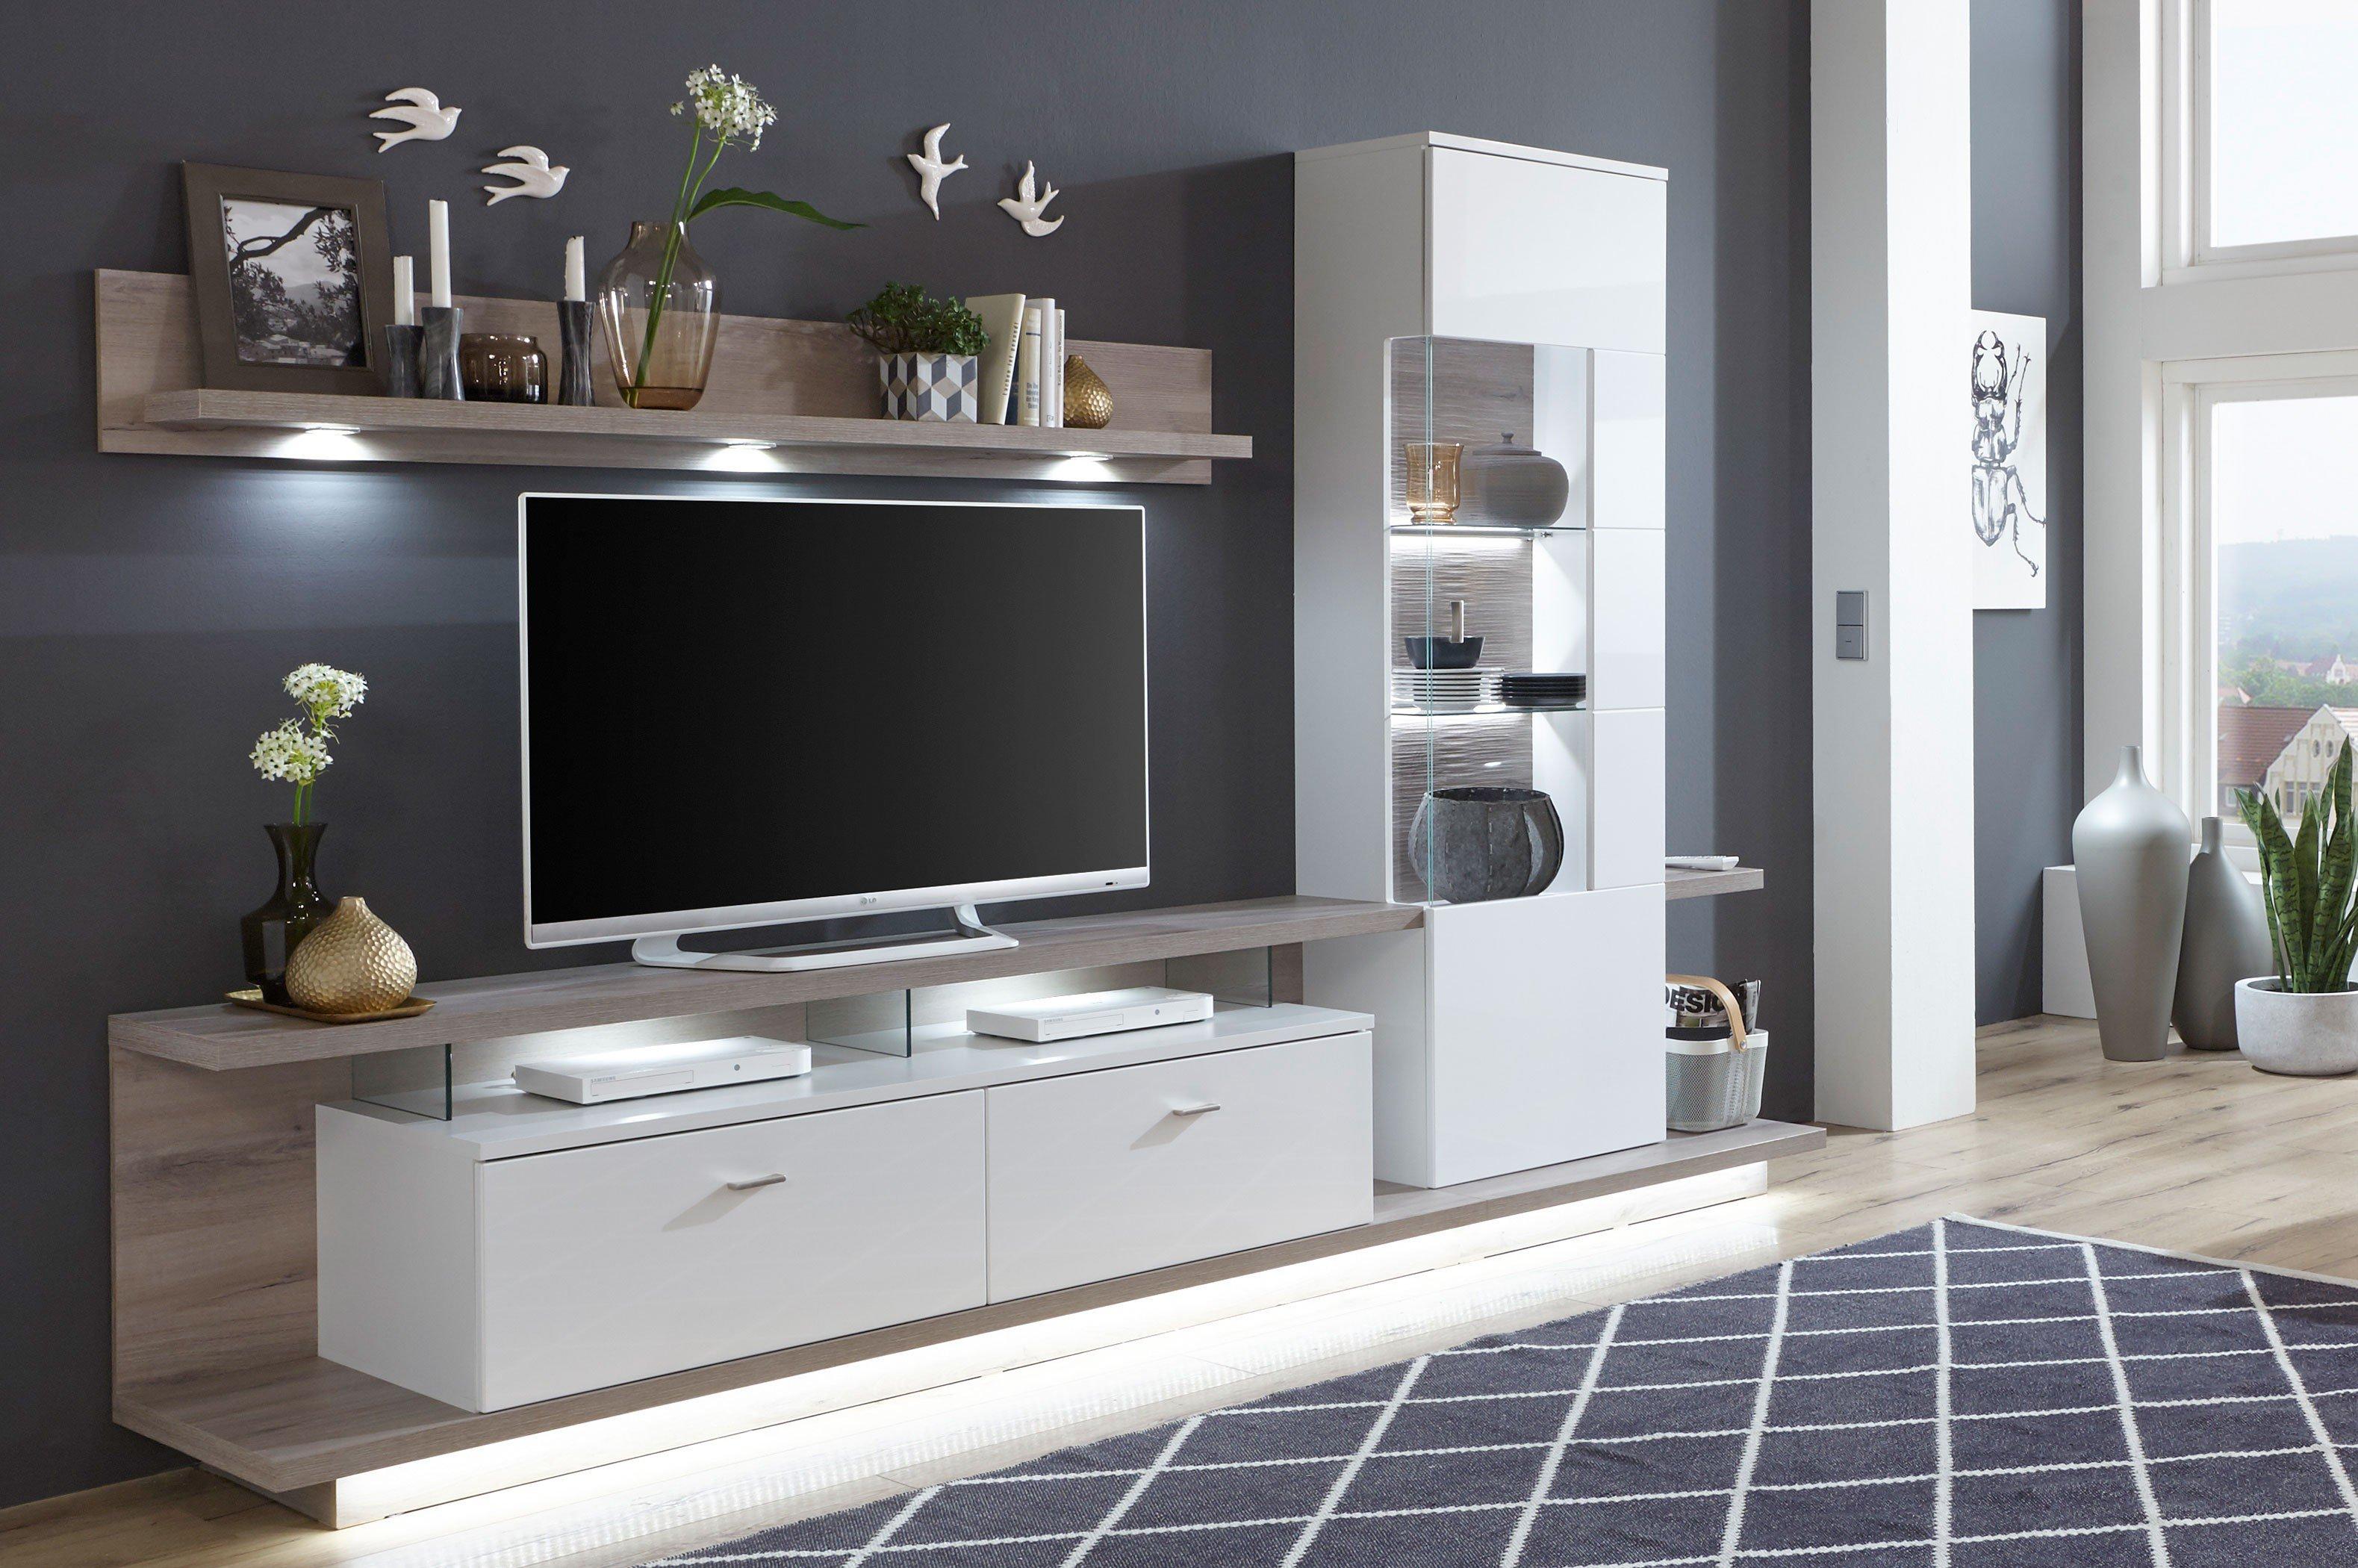 wohnwand gnstig auf raten kaufen trendy wohnwand sarah in sonoma eiche teilig with wohnwand. Black Bedroom Furniture Sets. Home Design Ideas